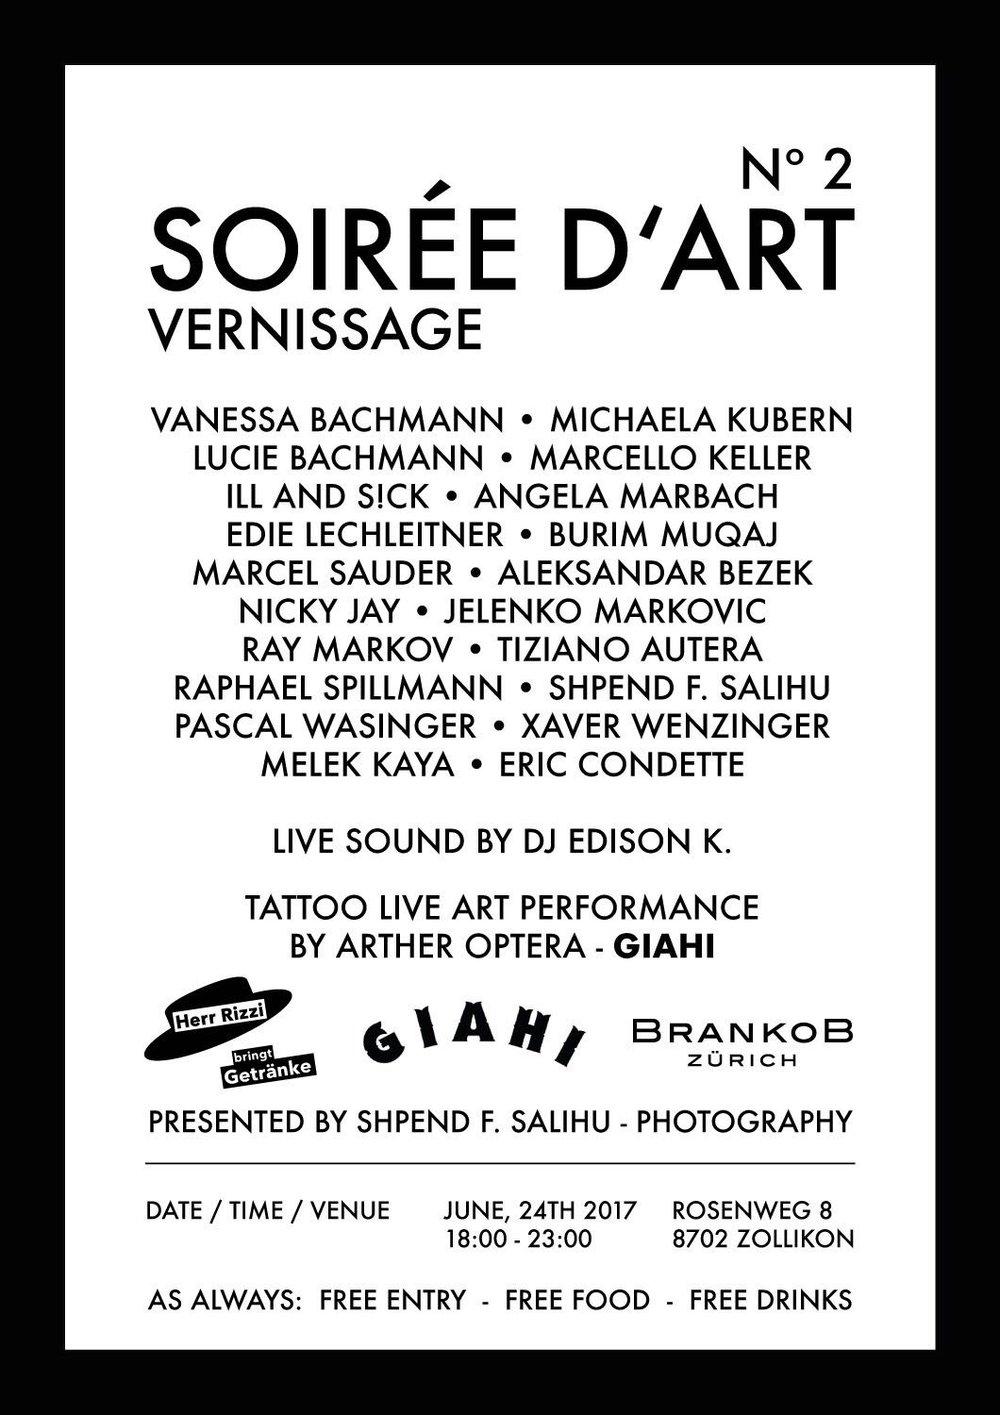 Programm mit allen Künstlern Soirée d `art nr.2